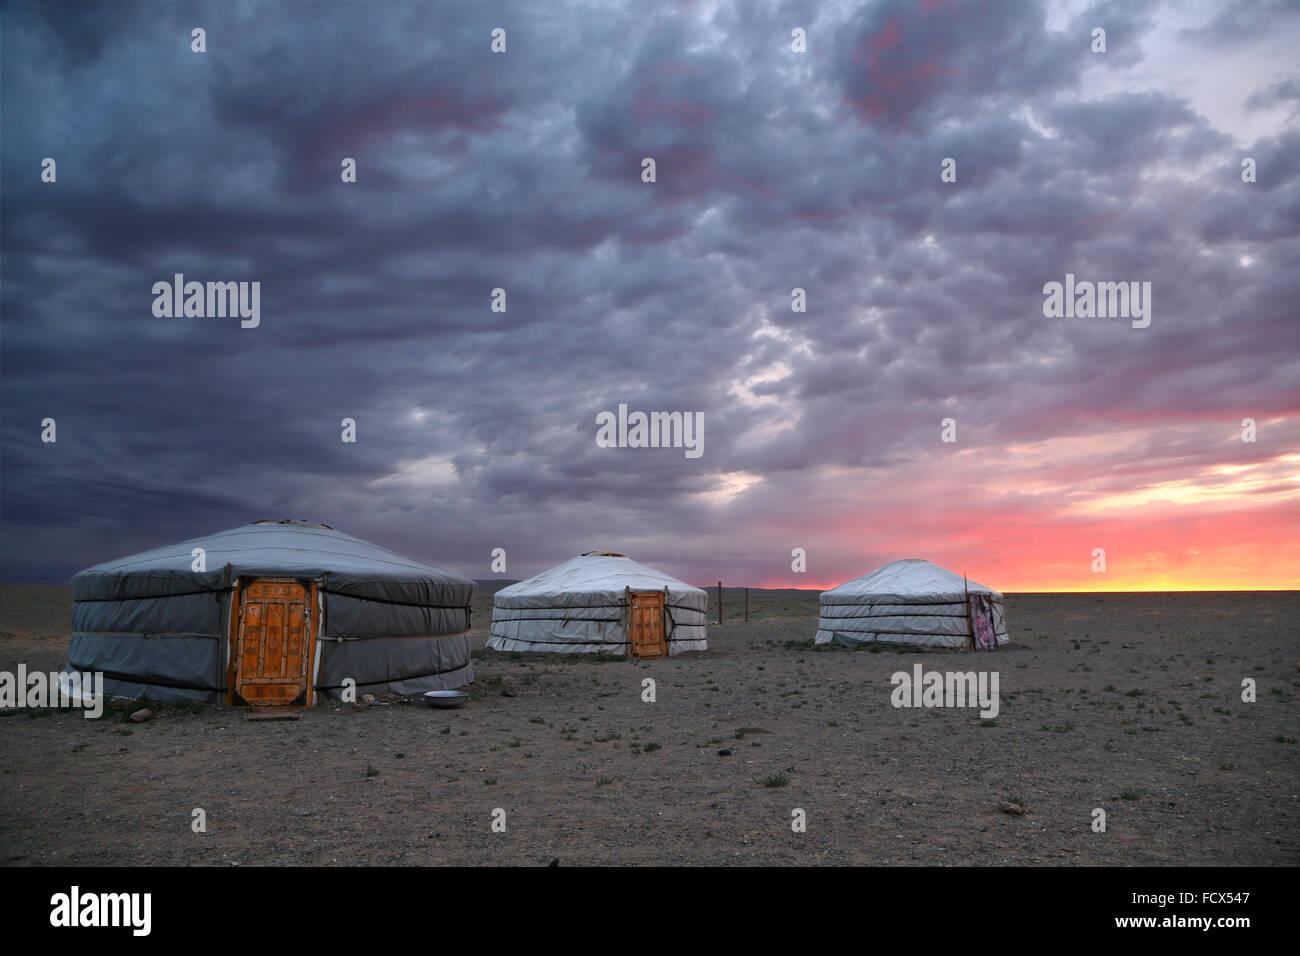 Amanecer y yurts tradicional en el desierto de Gobi, Mongolia Foto de stock